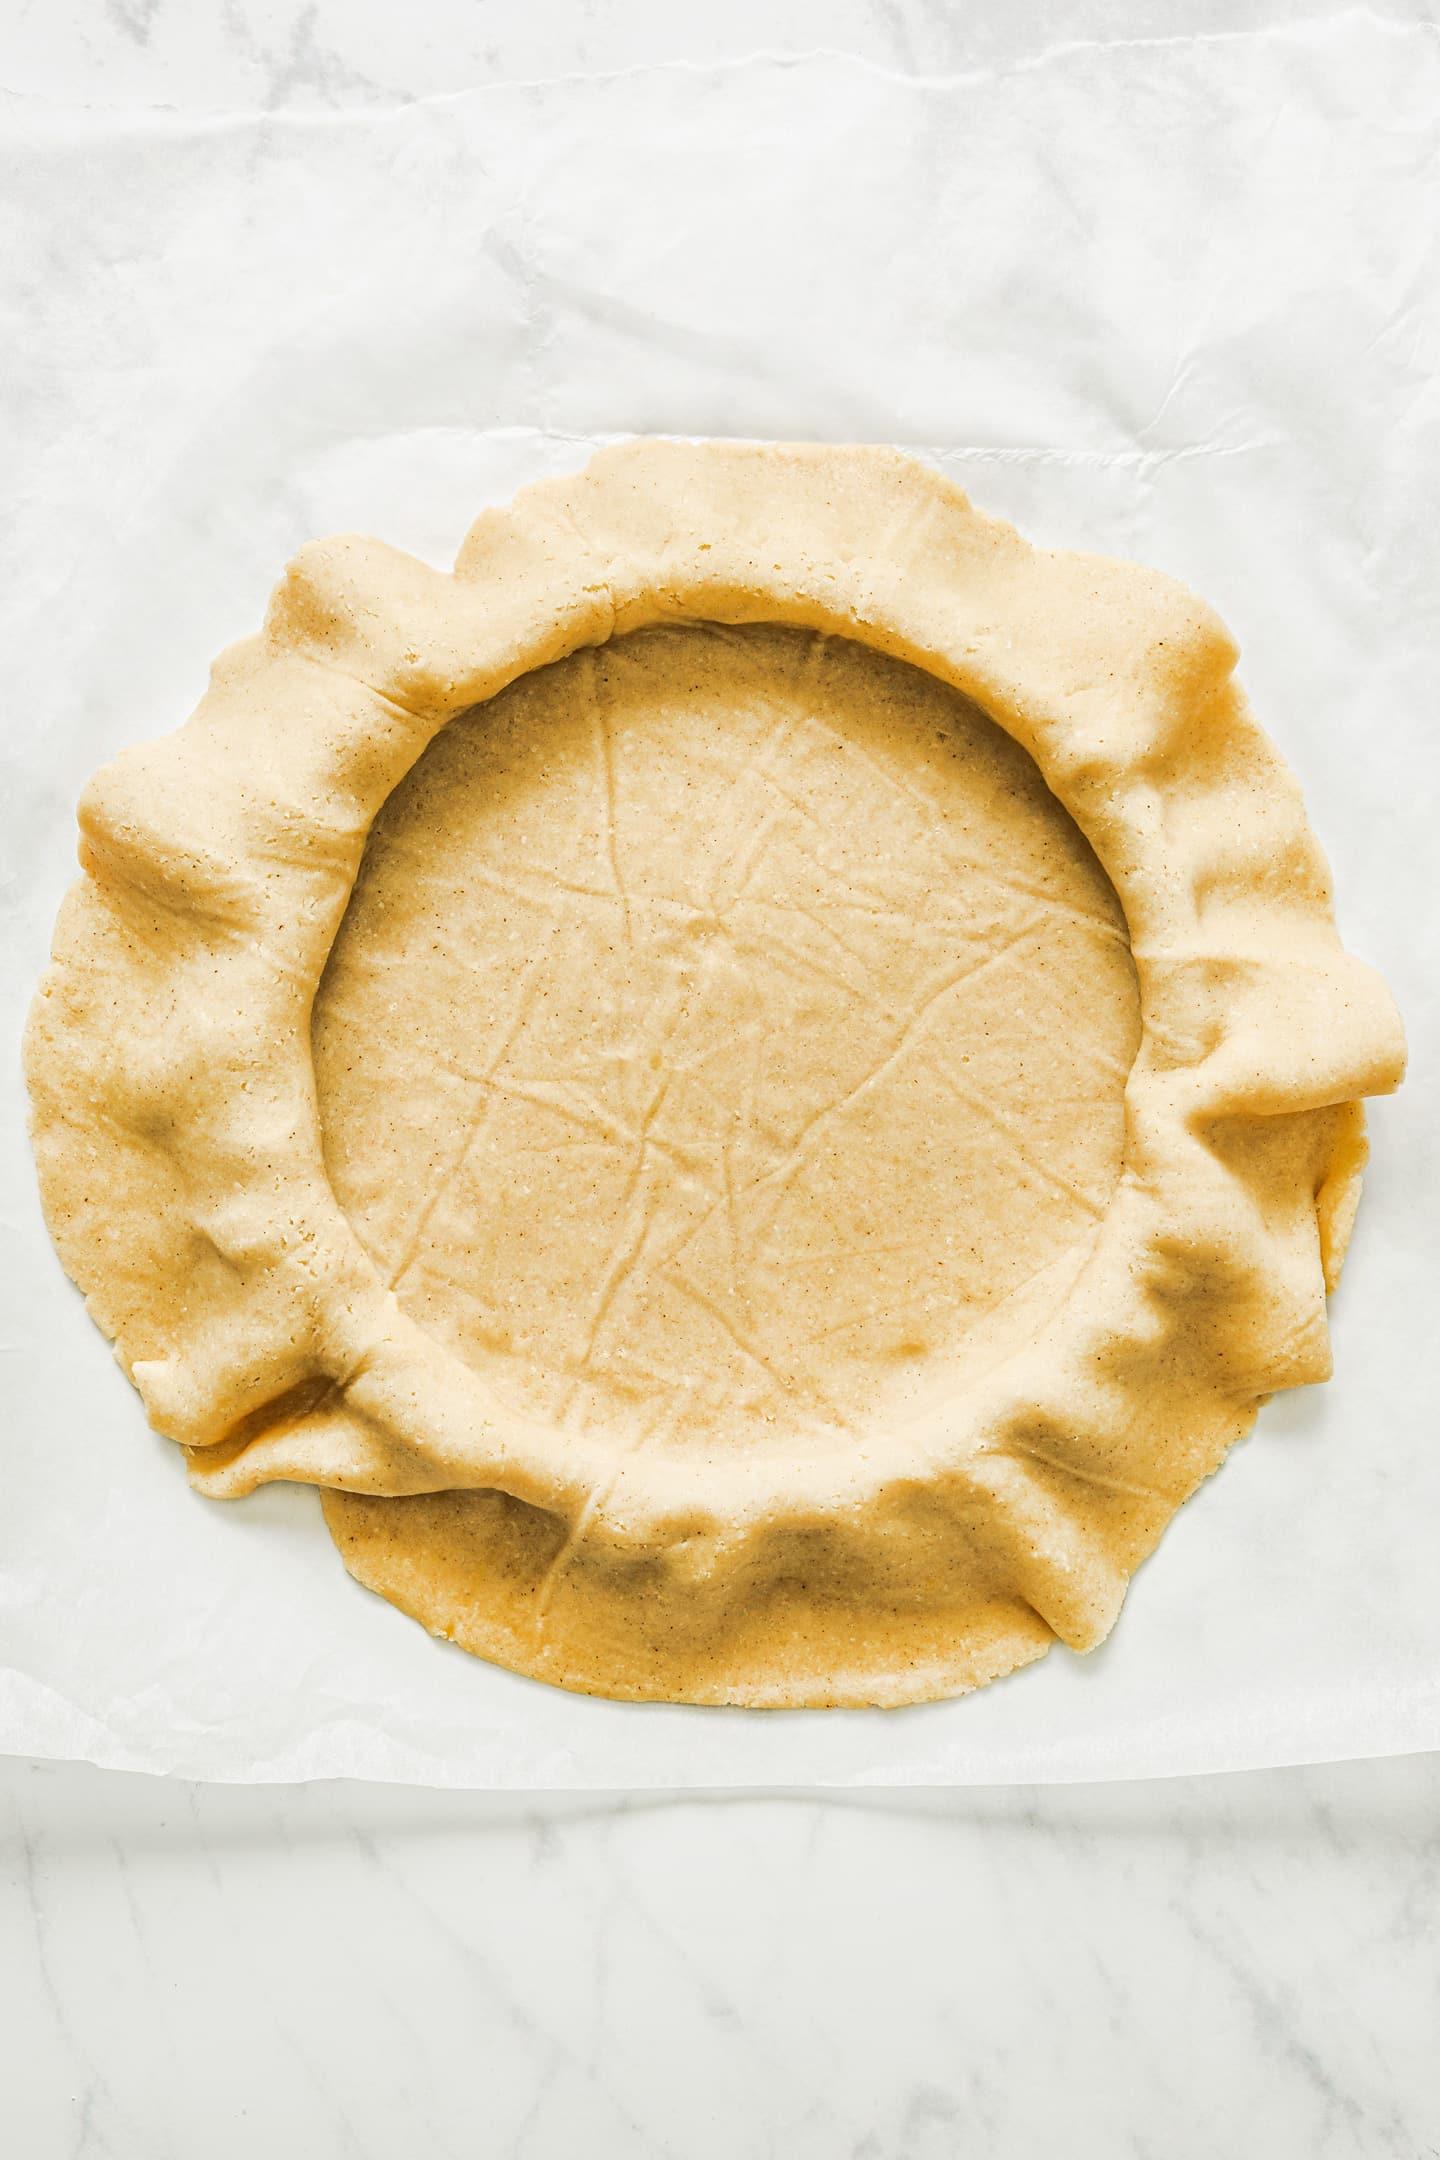 Comment foncer une pâte à tarte